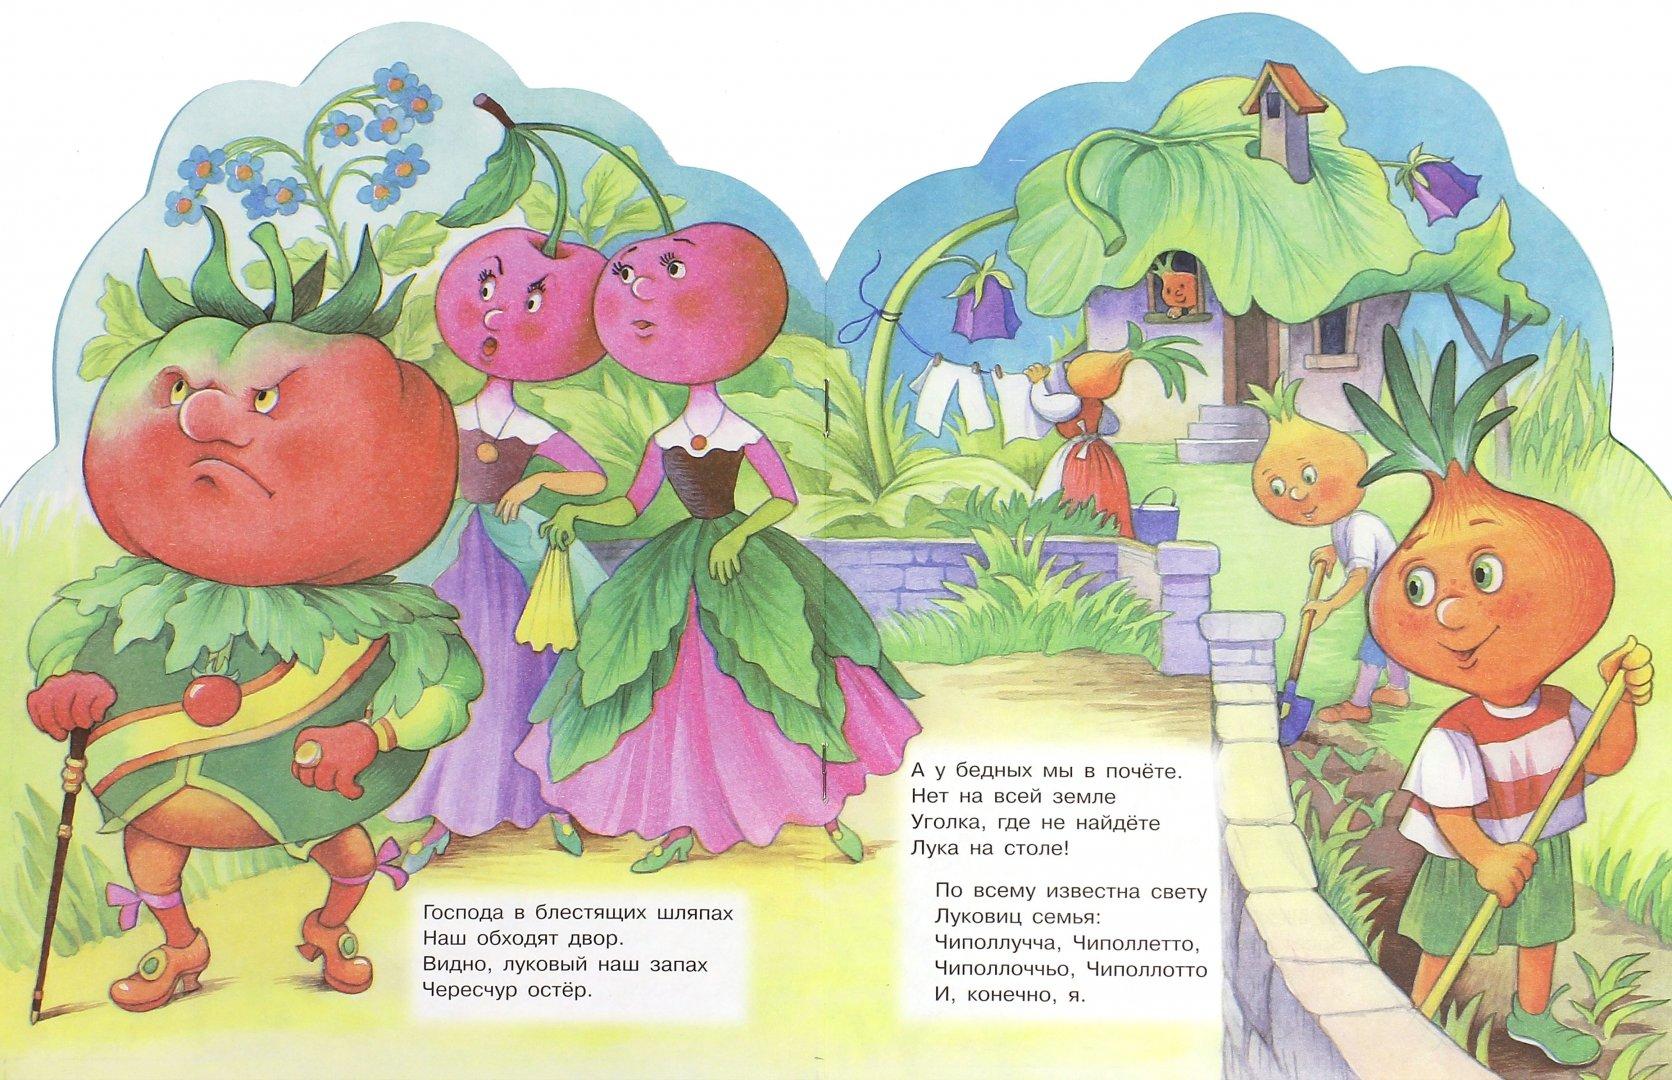 приключения чиполлино картинки овощей ход идут природные